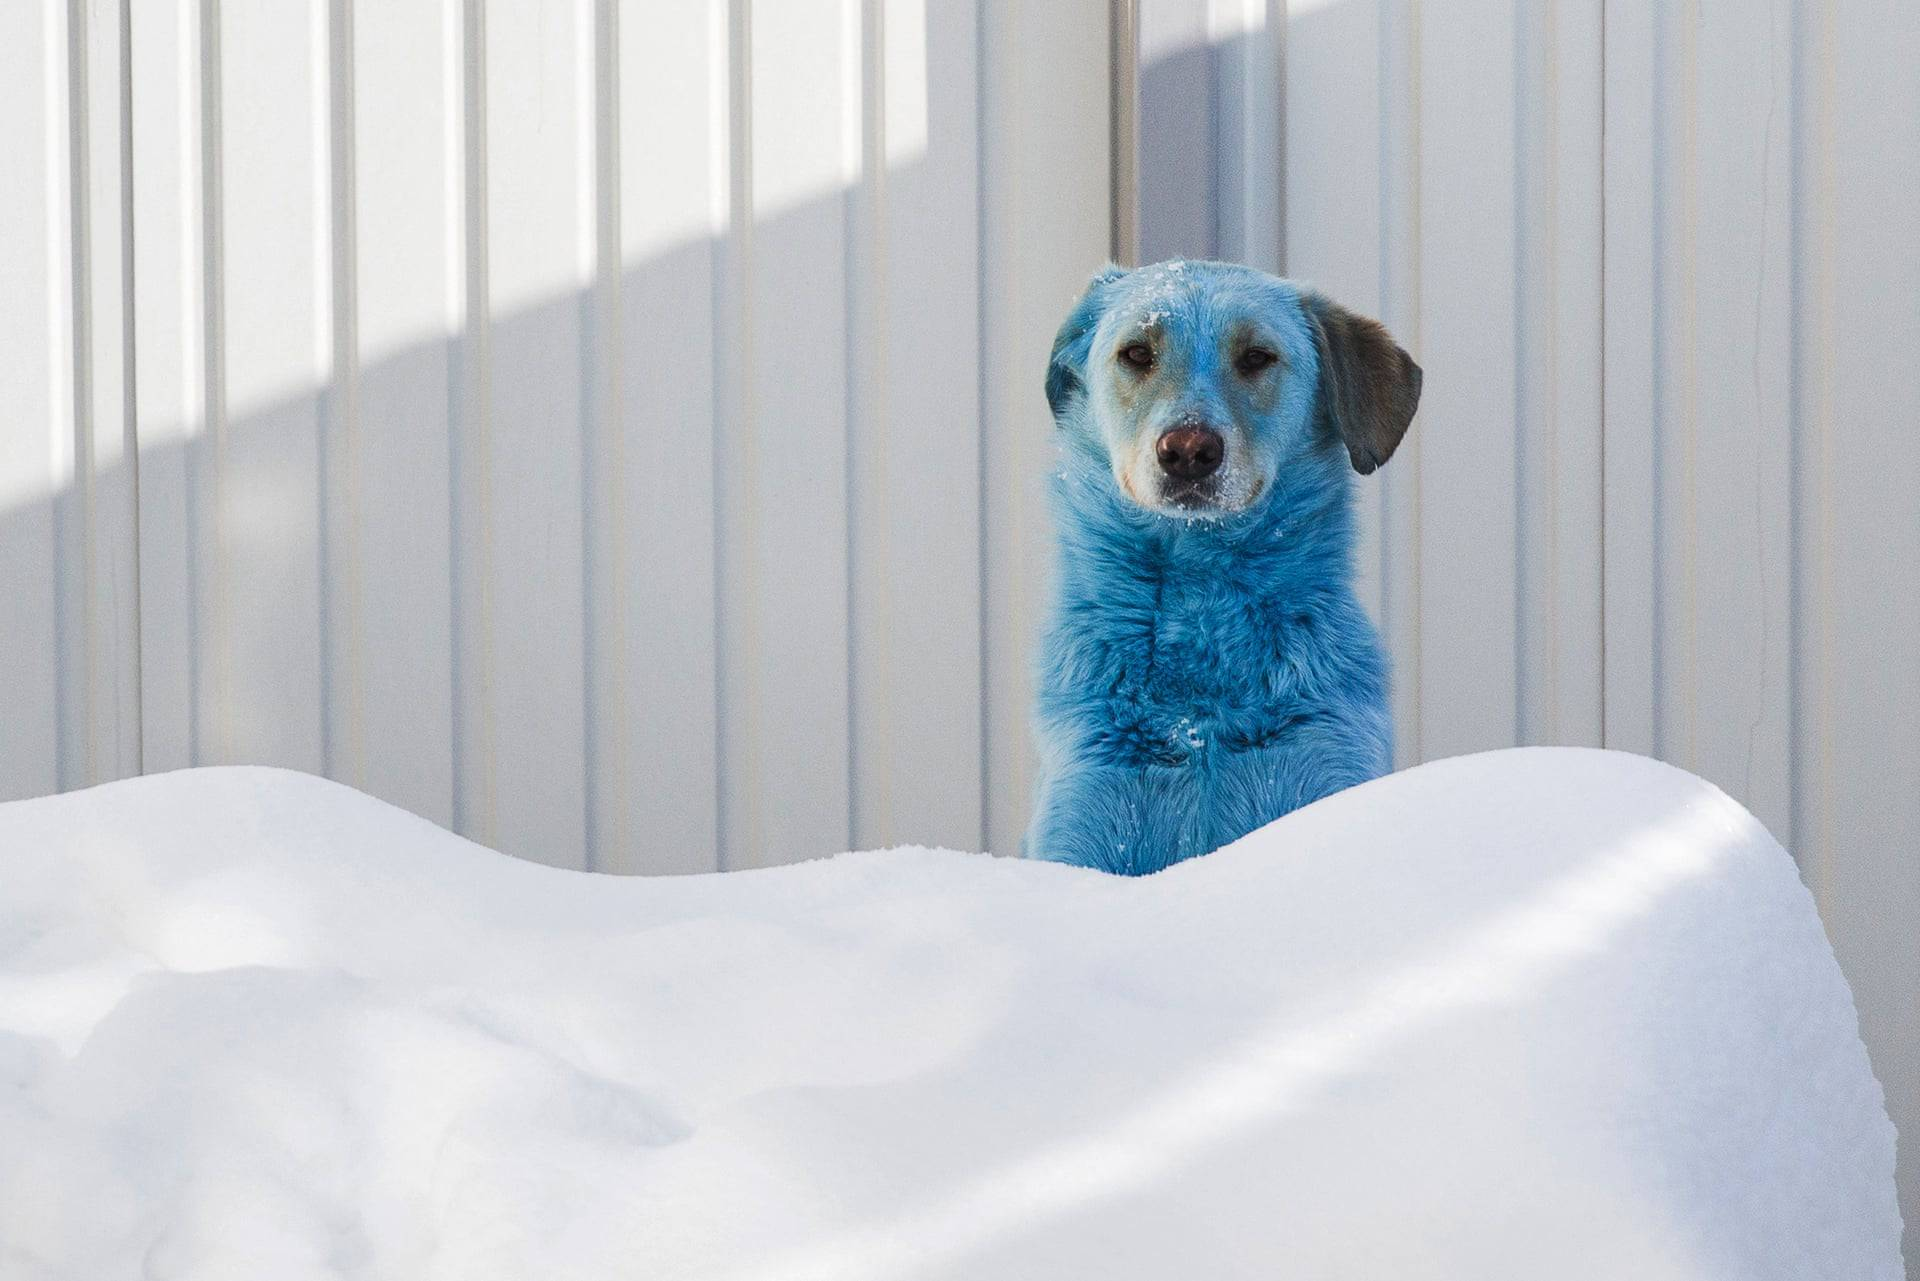 یکی از سگ های آبی رنگ روسی